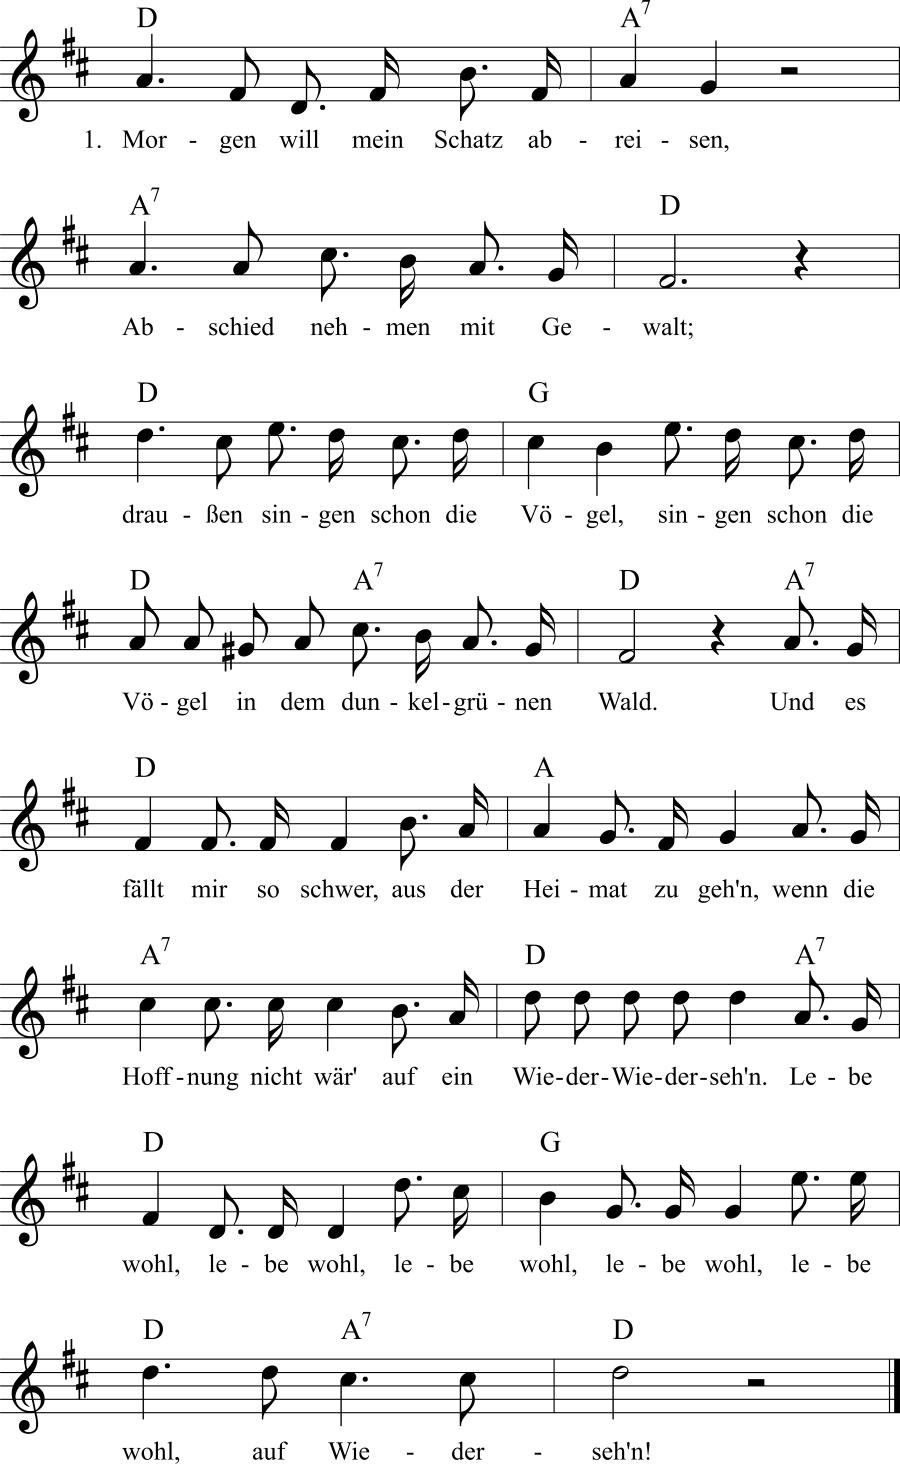 Musiknoten zum Lied Morgen will mein Schatz abreisen